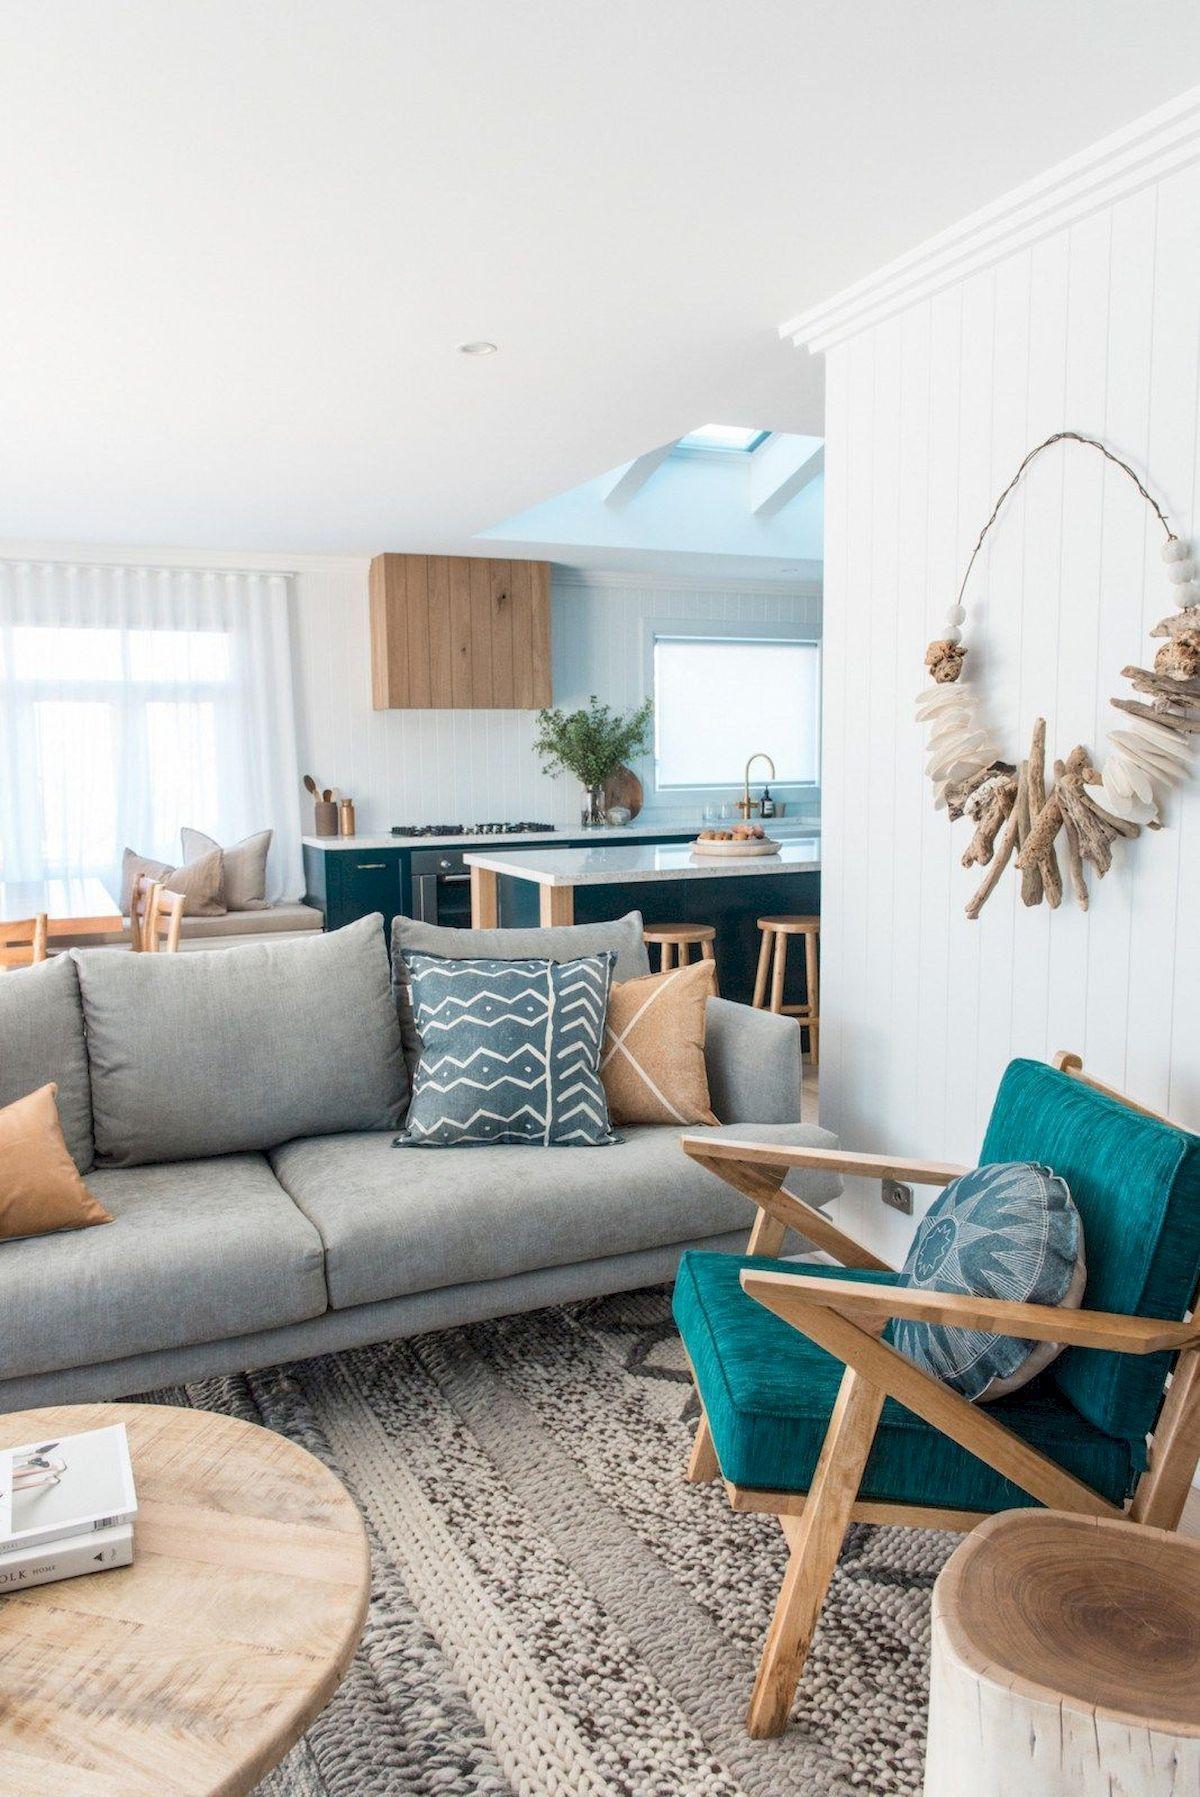 Awesome Driftwood Ideas For Creative Low Budget Decoratinghttps Jihanshanum Com Driftwood I Chic Beach House Home Interior Design Beach House Interior Design